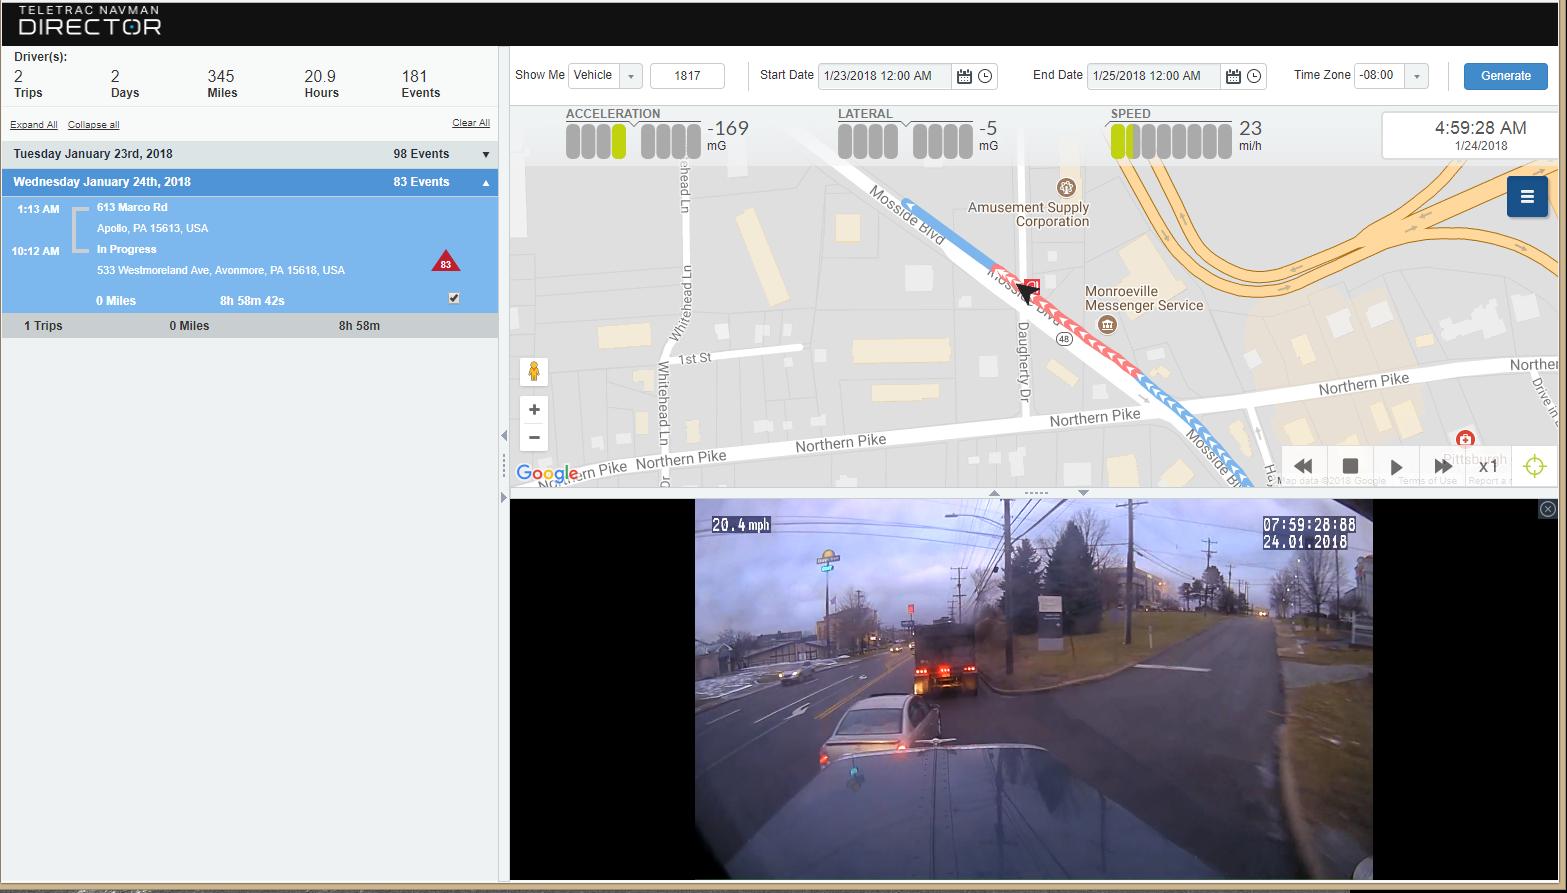 Teletrac Navman DIRECTOR Software - Dash cam